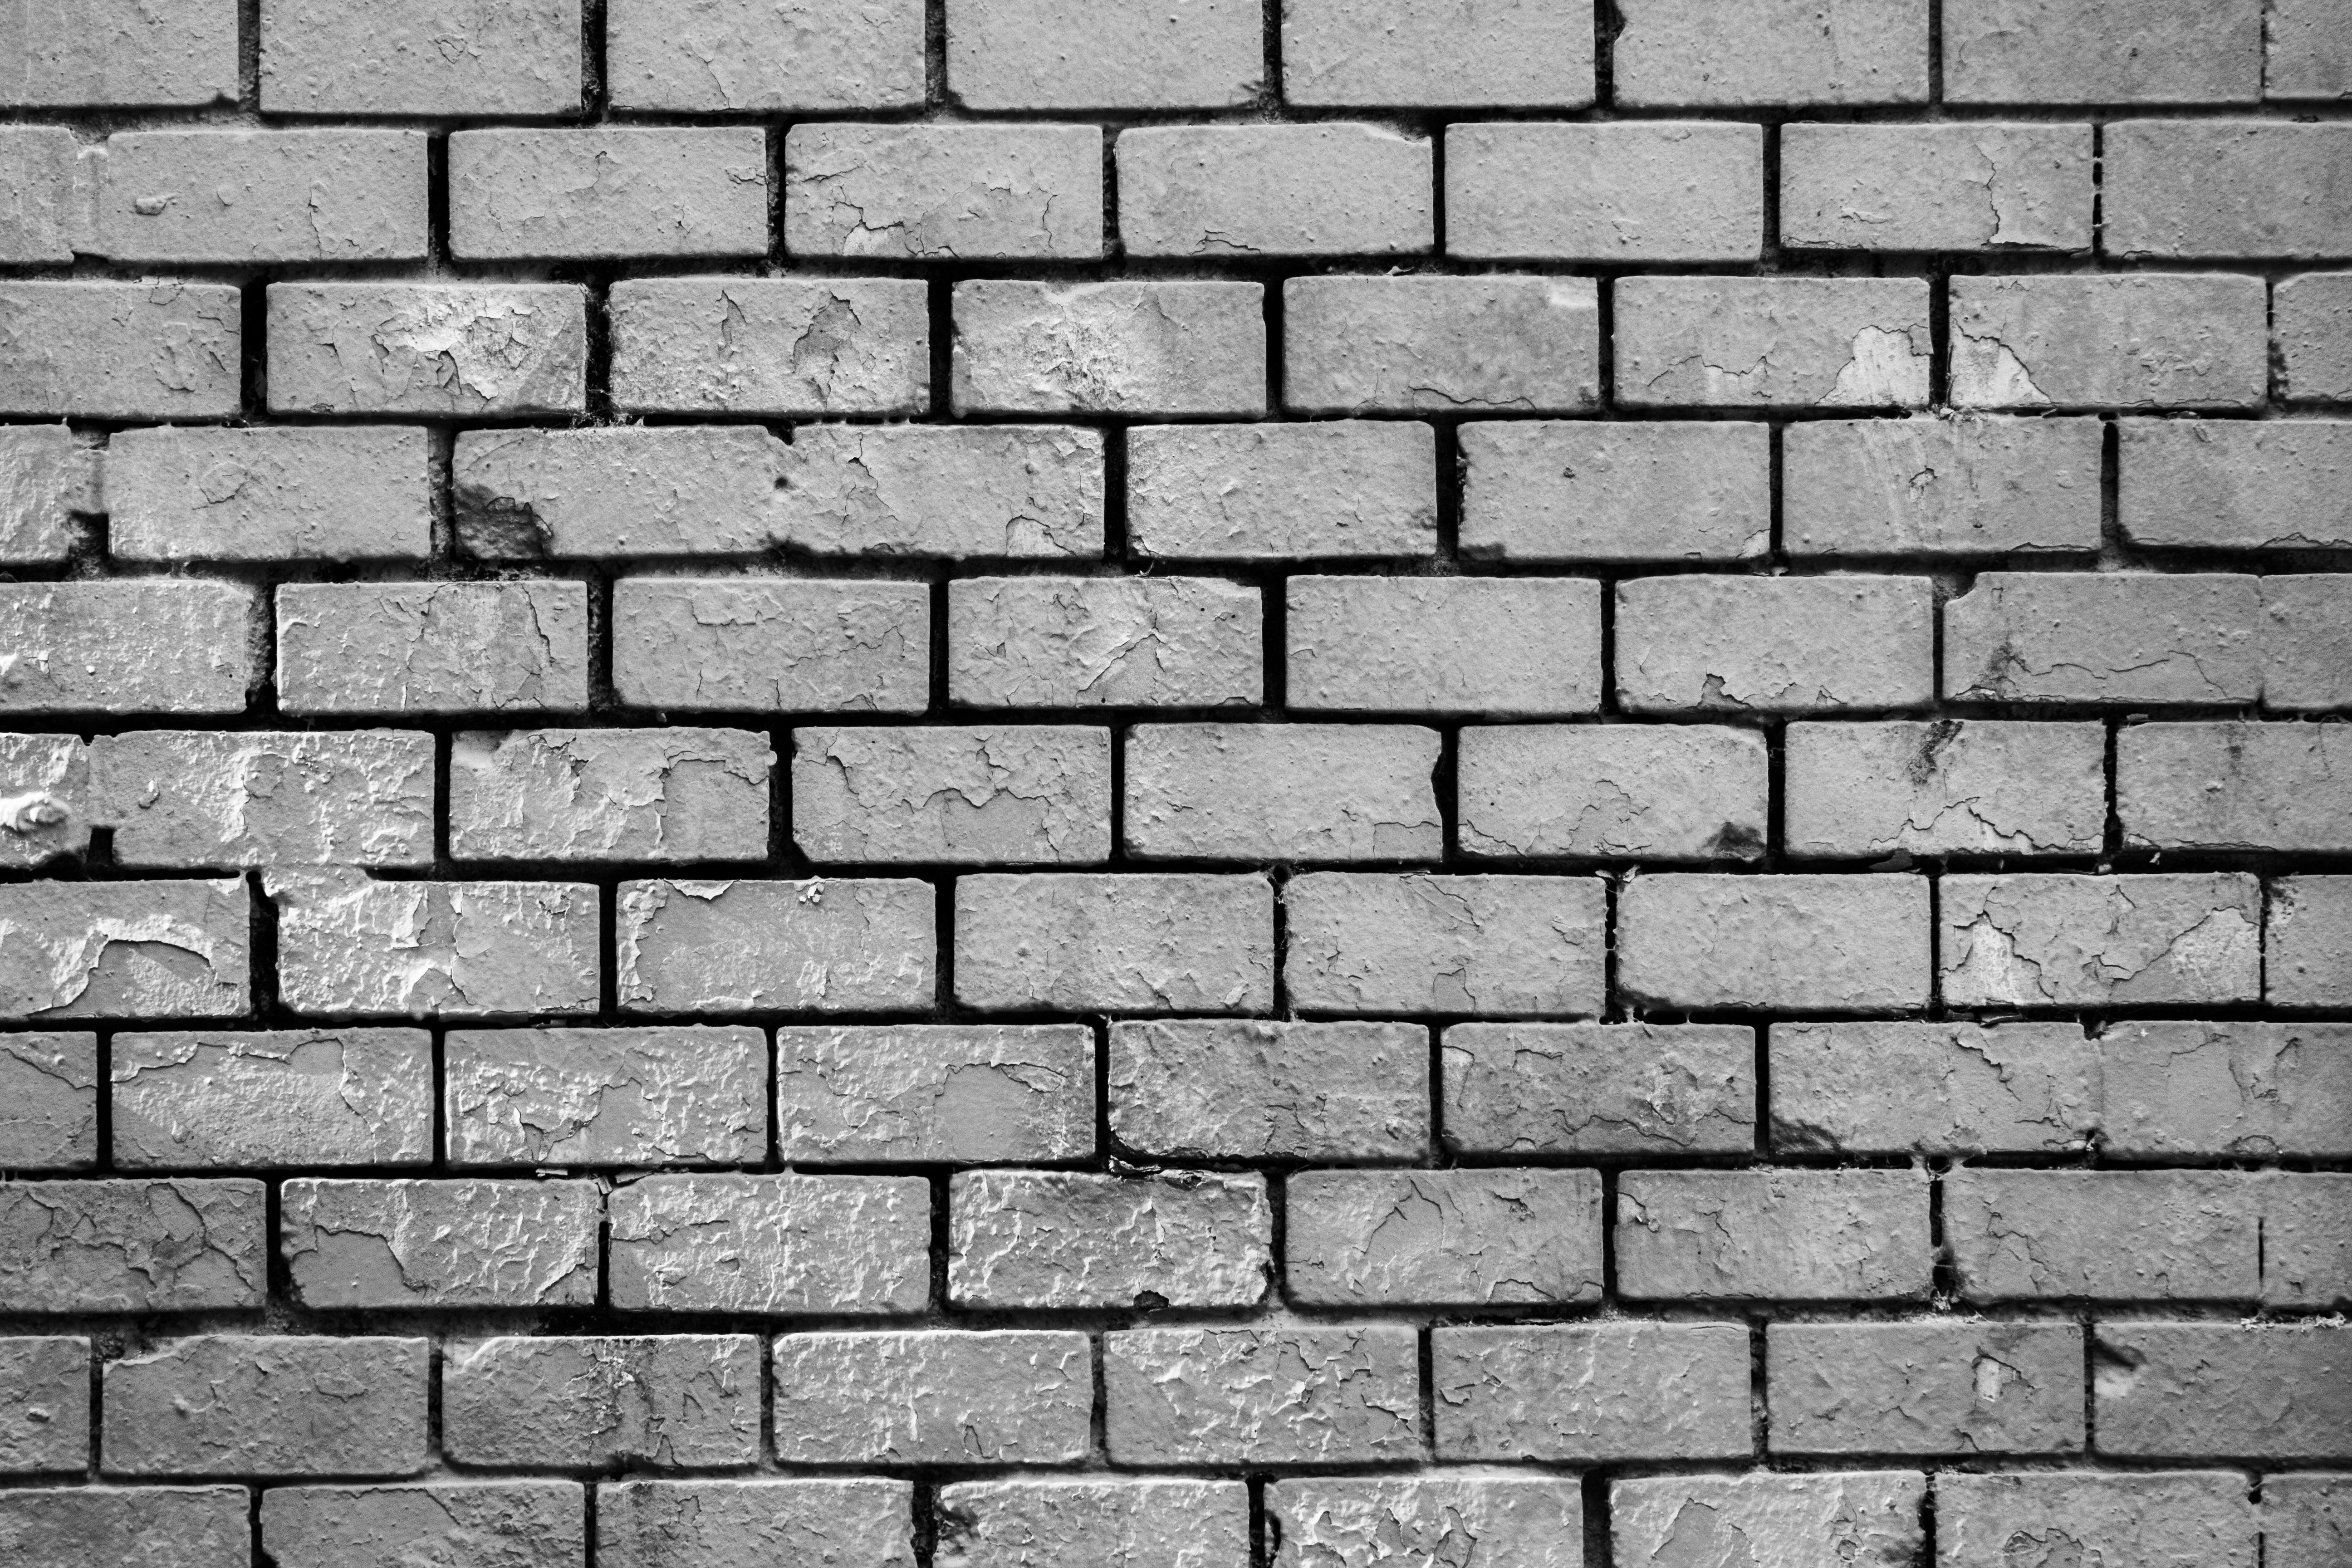 700 Koleksi Gambar Tembok Keren Hitam Putih Gratis